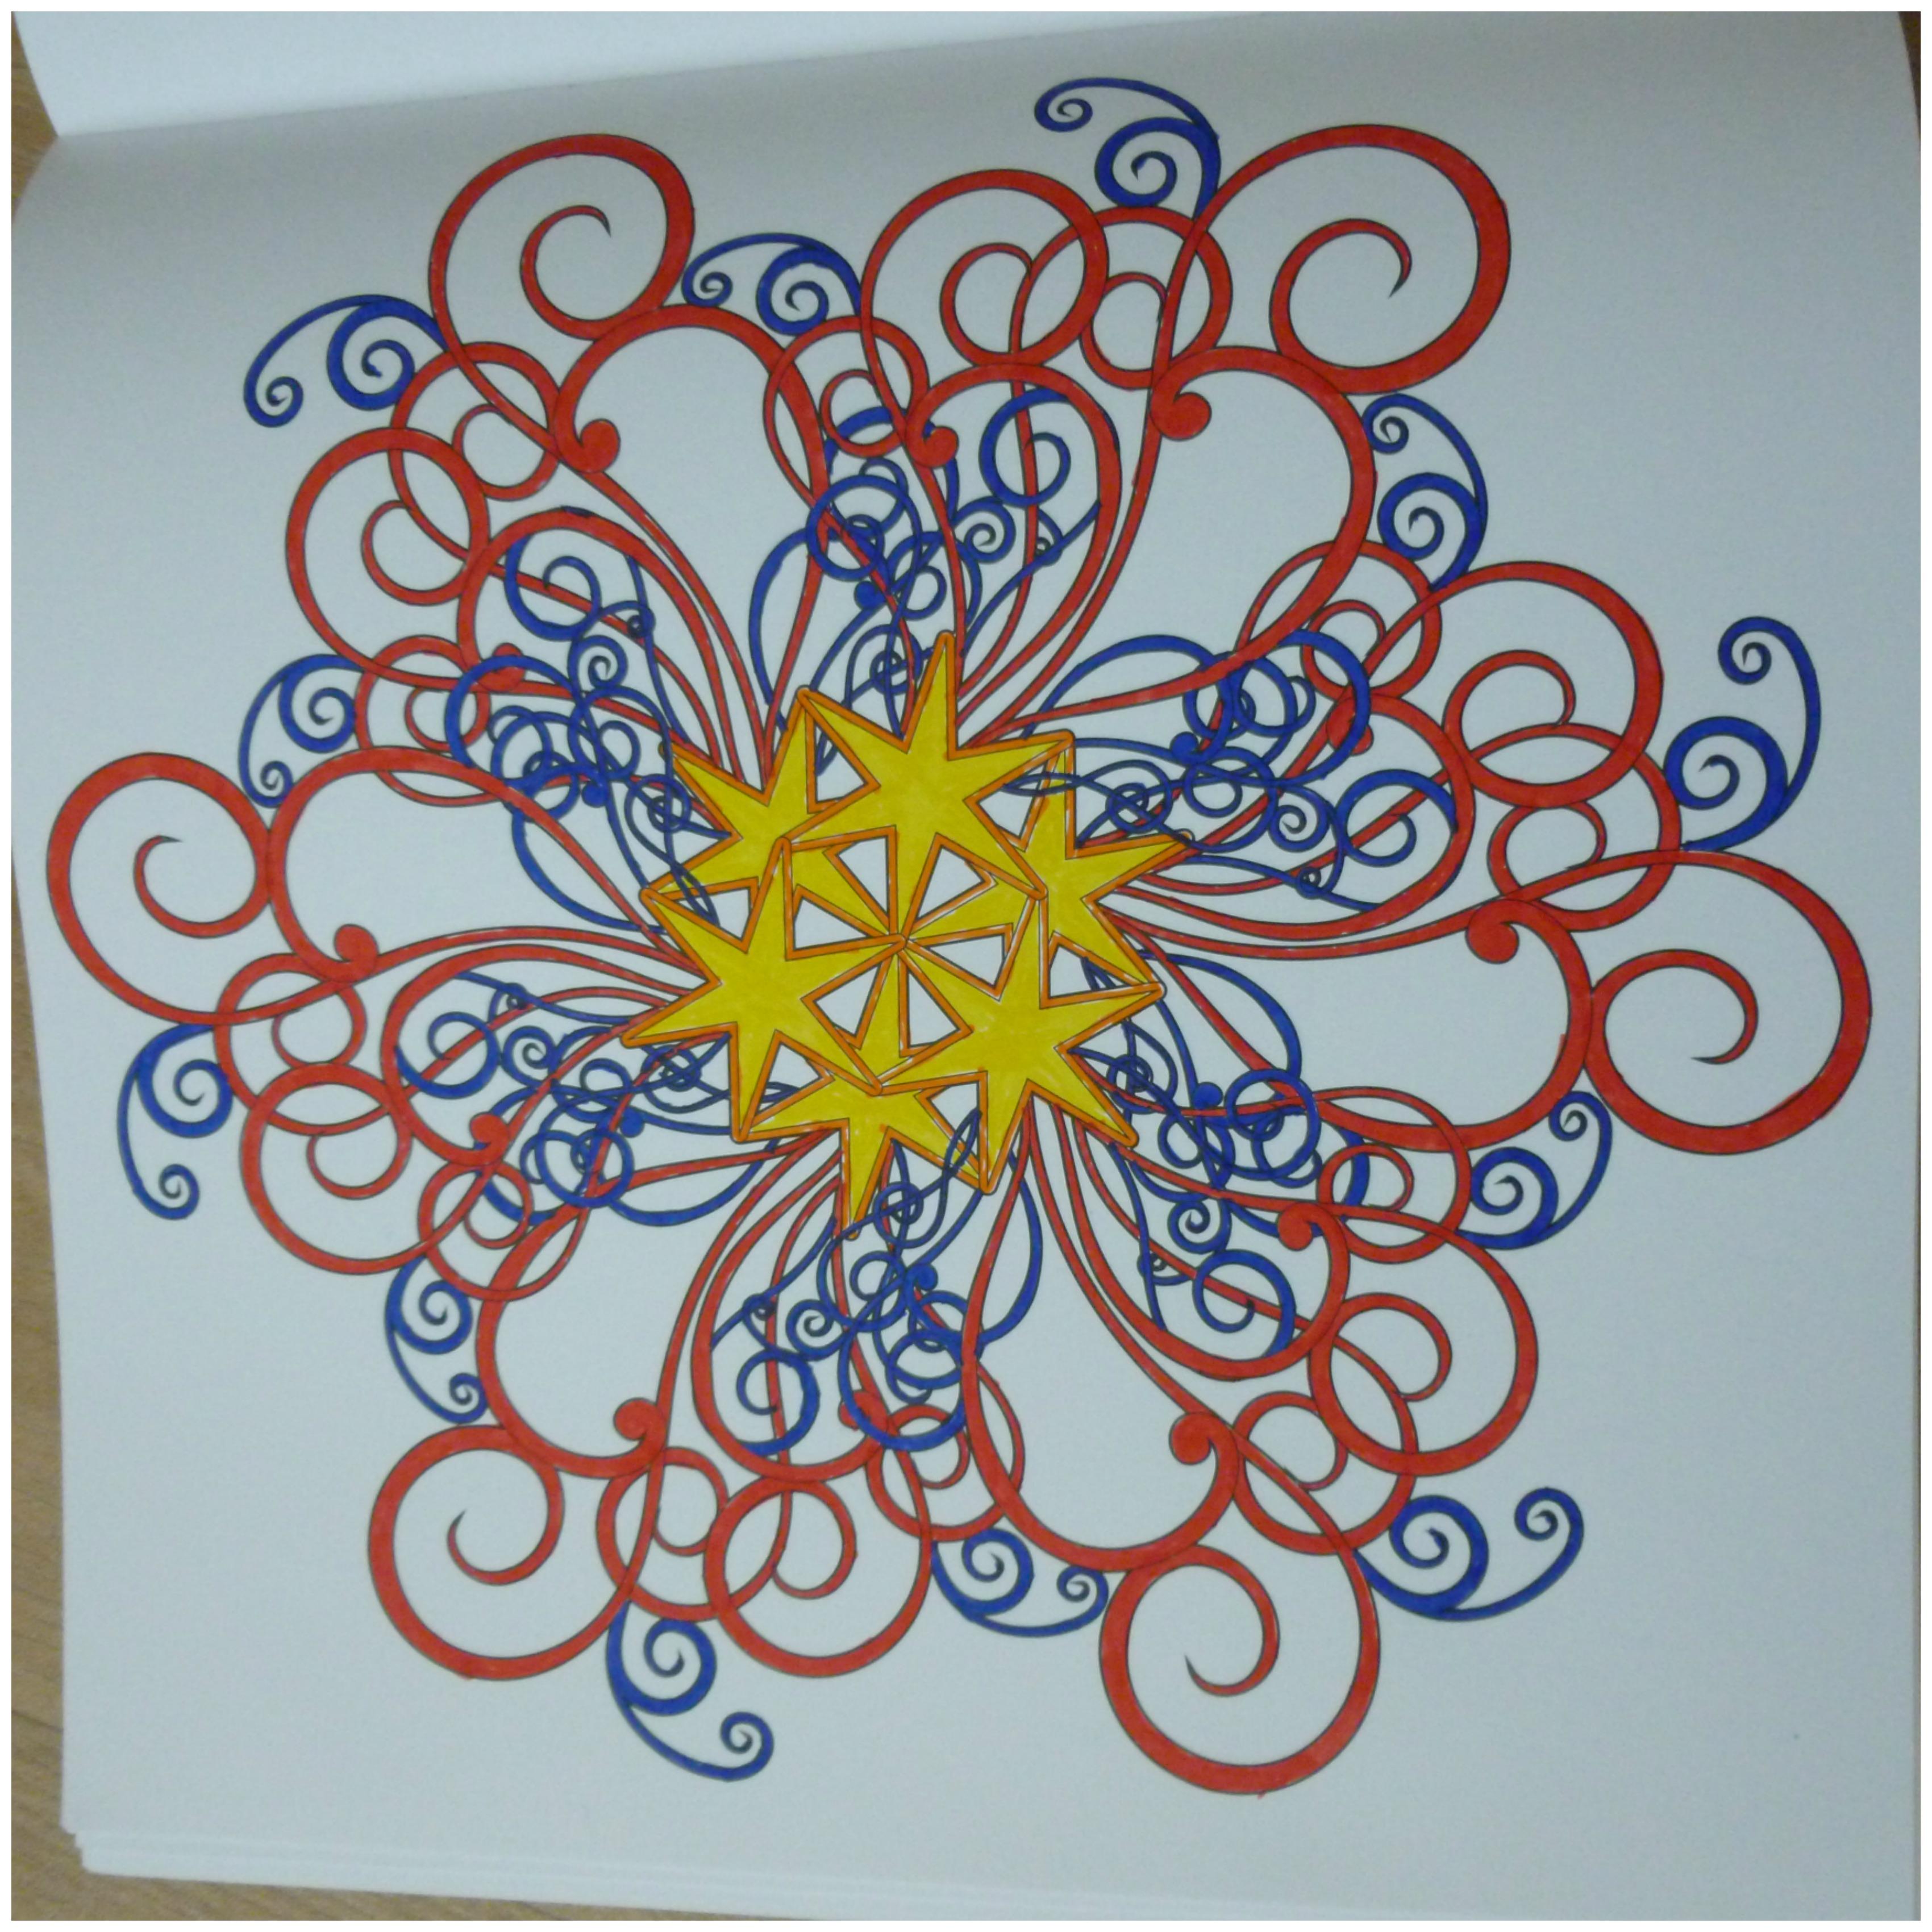 Kleurplaten Uit Kleurboek Voor Volwassenen.Het Vijfde Enige Echte Mandala Kleurboek Recensie